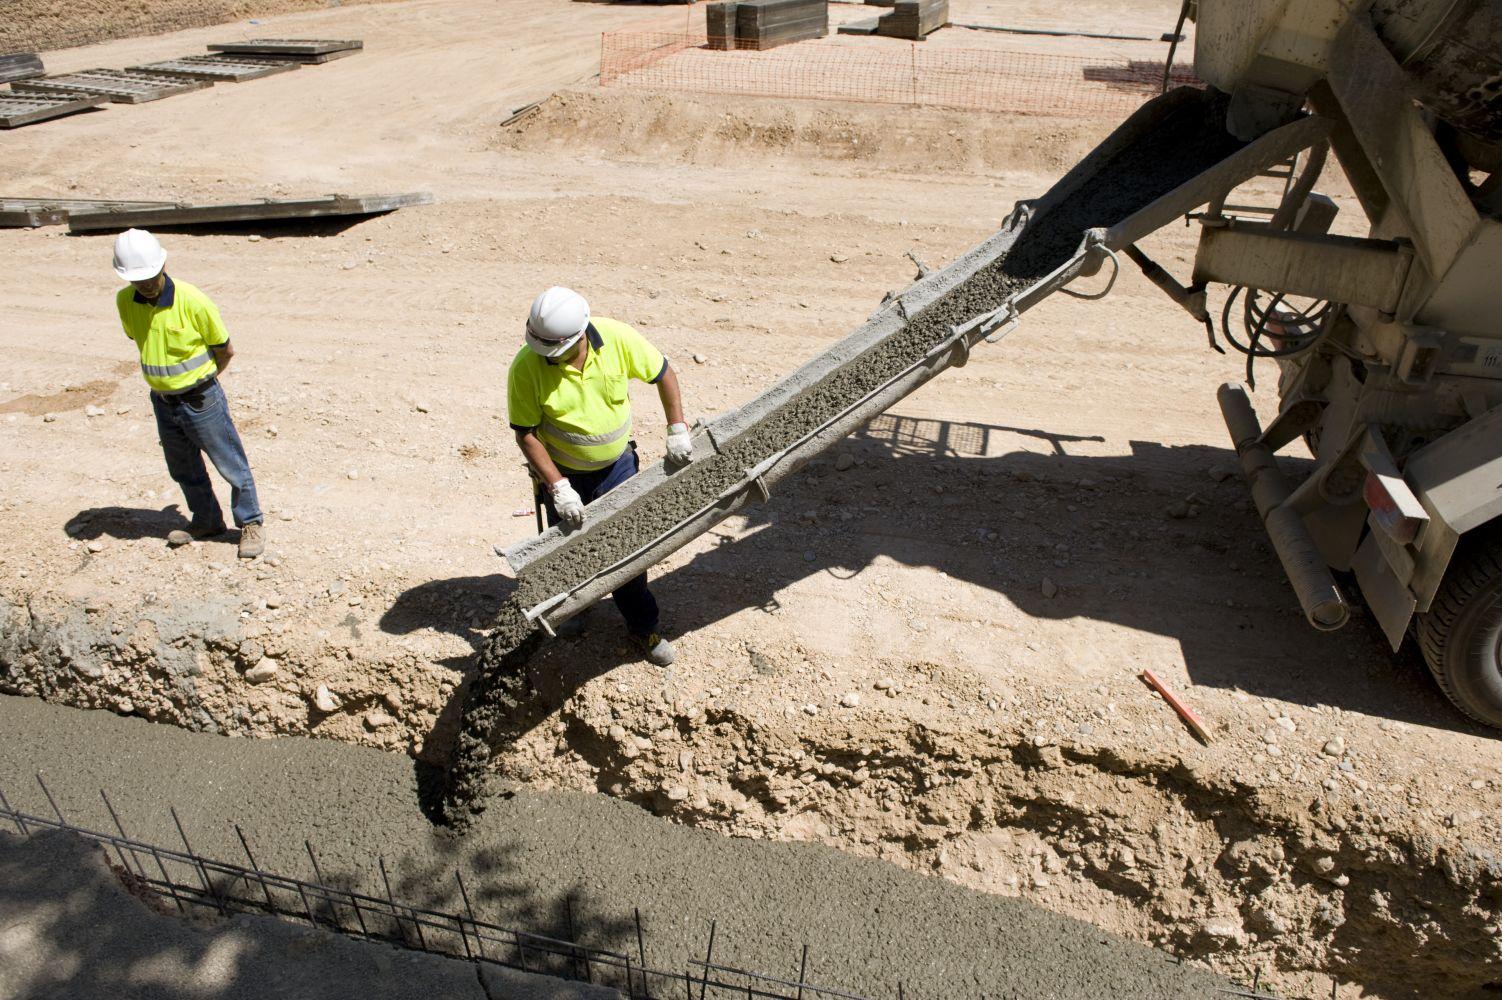 Excavator hire work team in Anchorage, AK